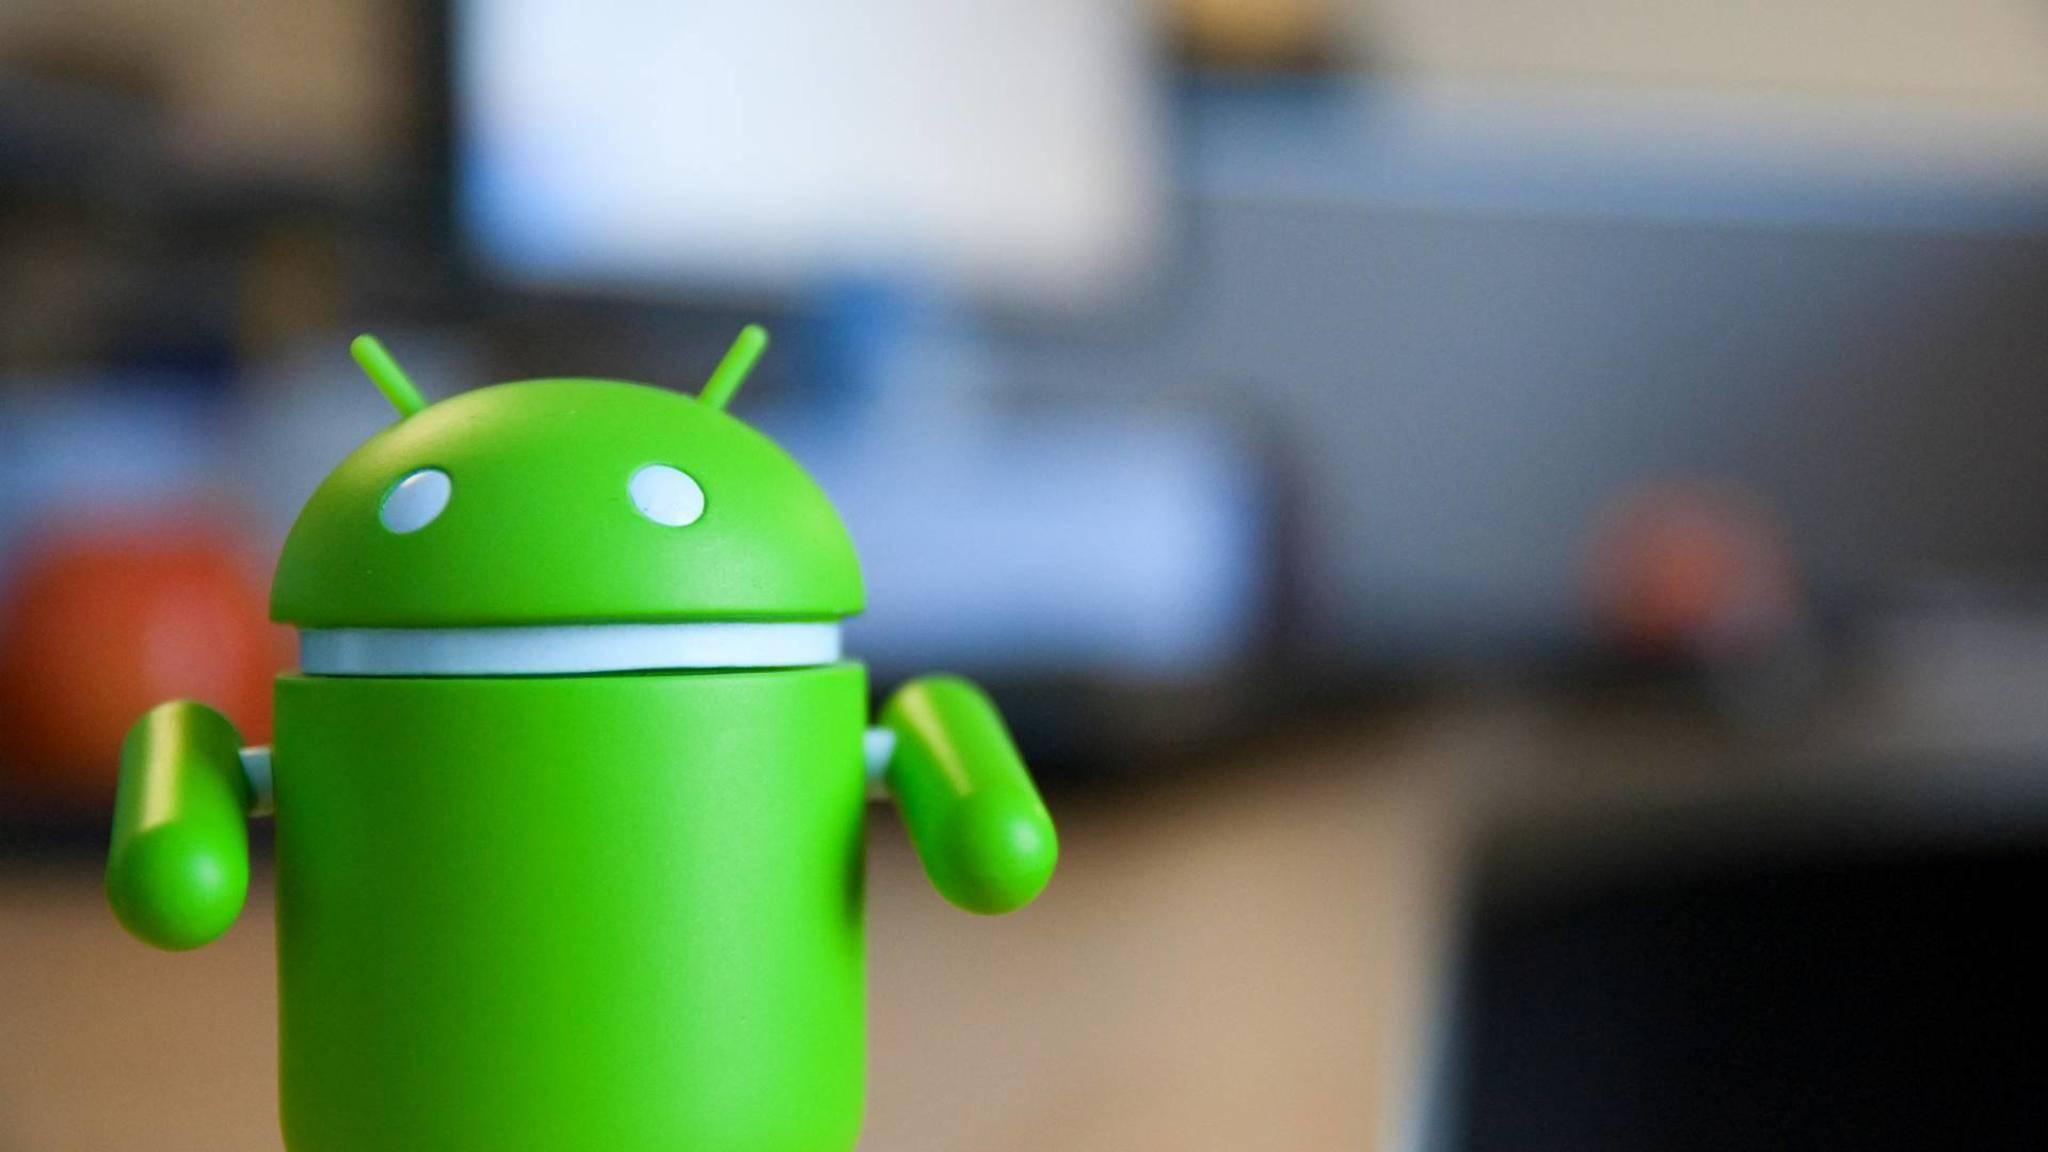 Android-Smartphones bieten häufig die Möglichkeit zum Ändern der Schriftgröße.